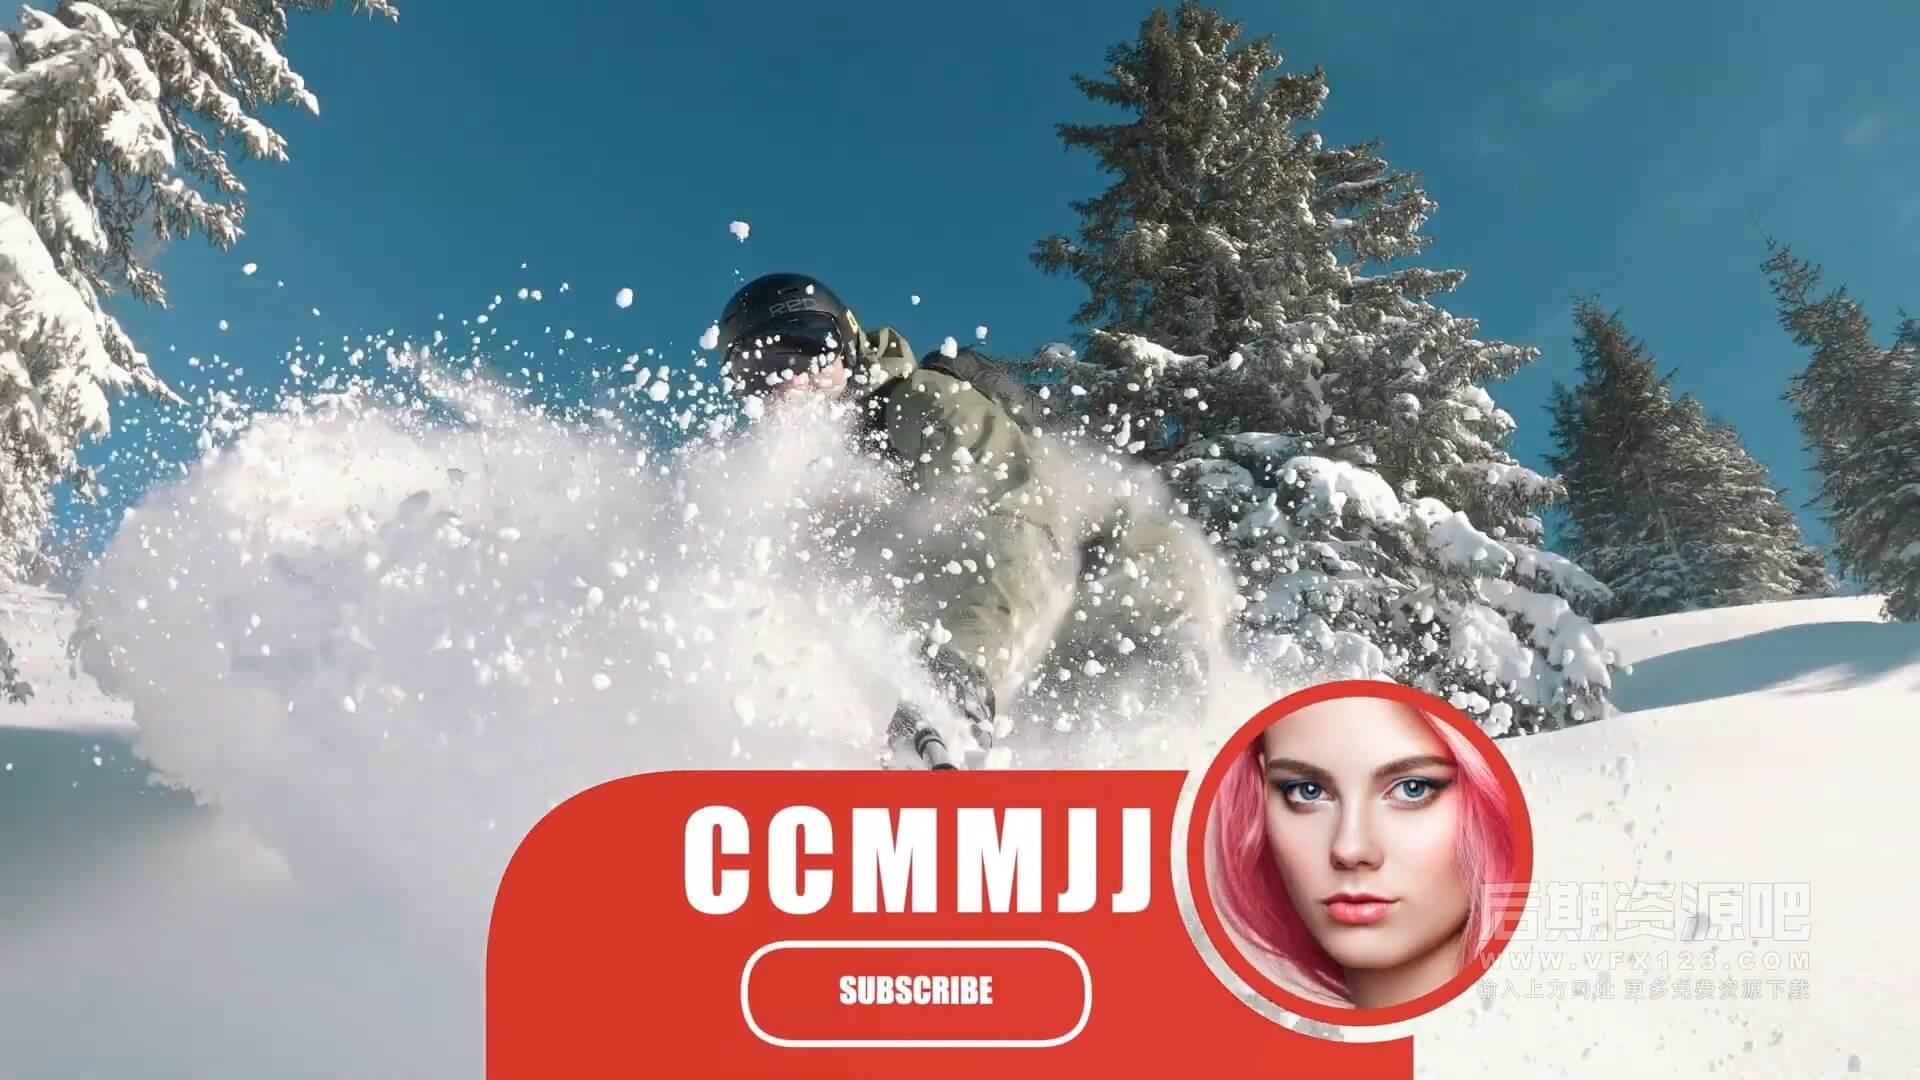 fcpx插件 自媒体短视频博主影片制作工具包 第四季 标题+动画+预告+LUTS